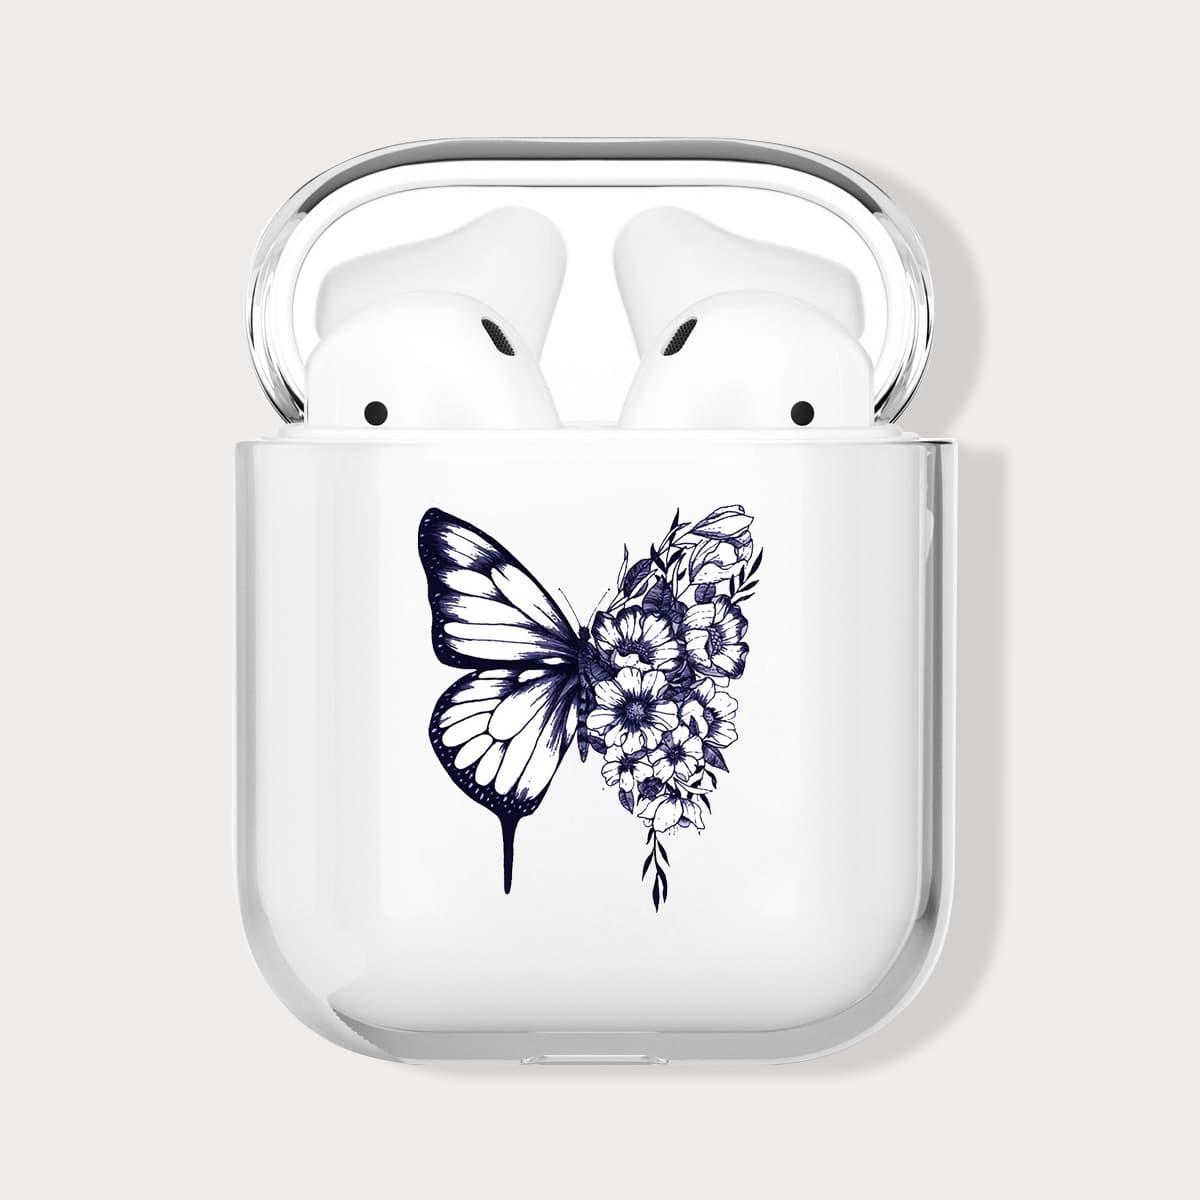 Прозрачный чехол для Airpods с принтом цветка и бабочки